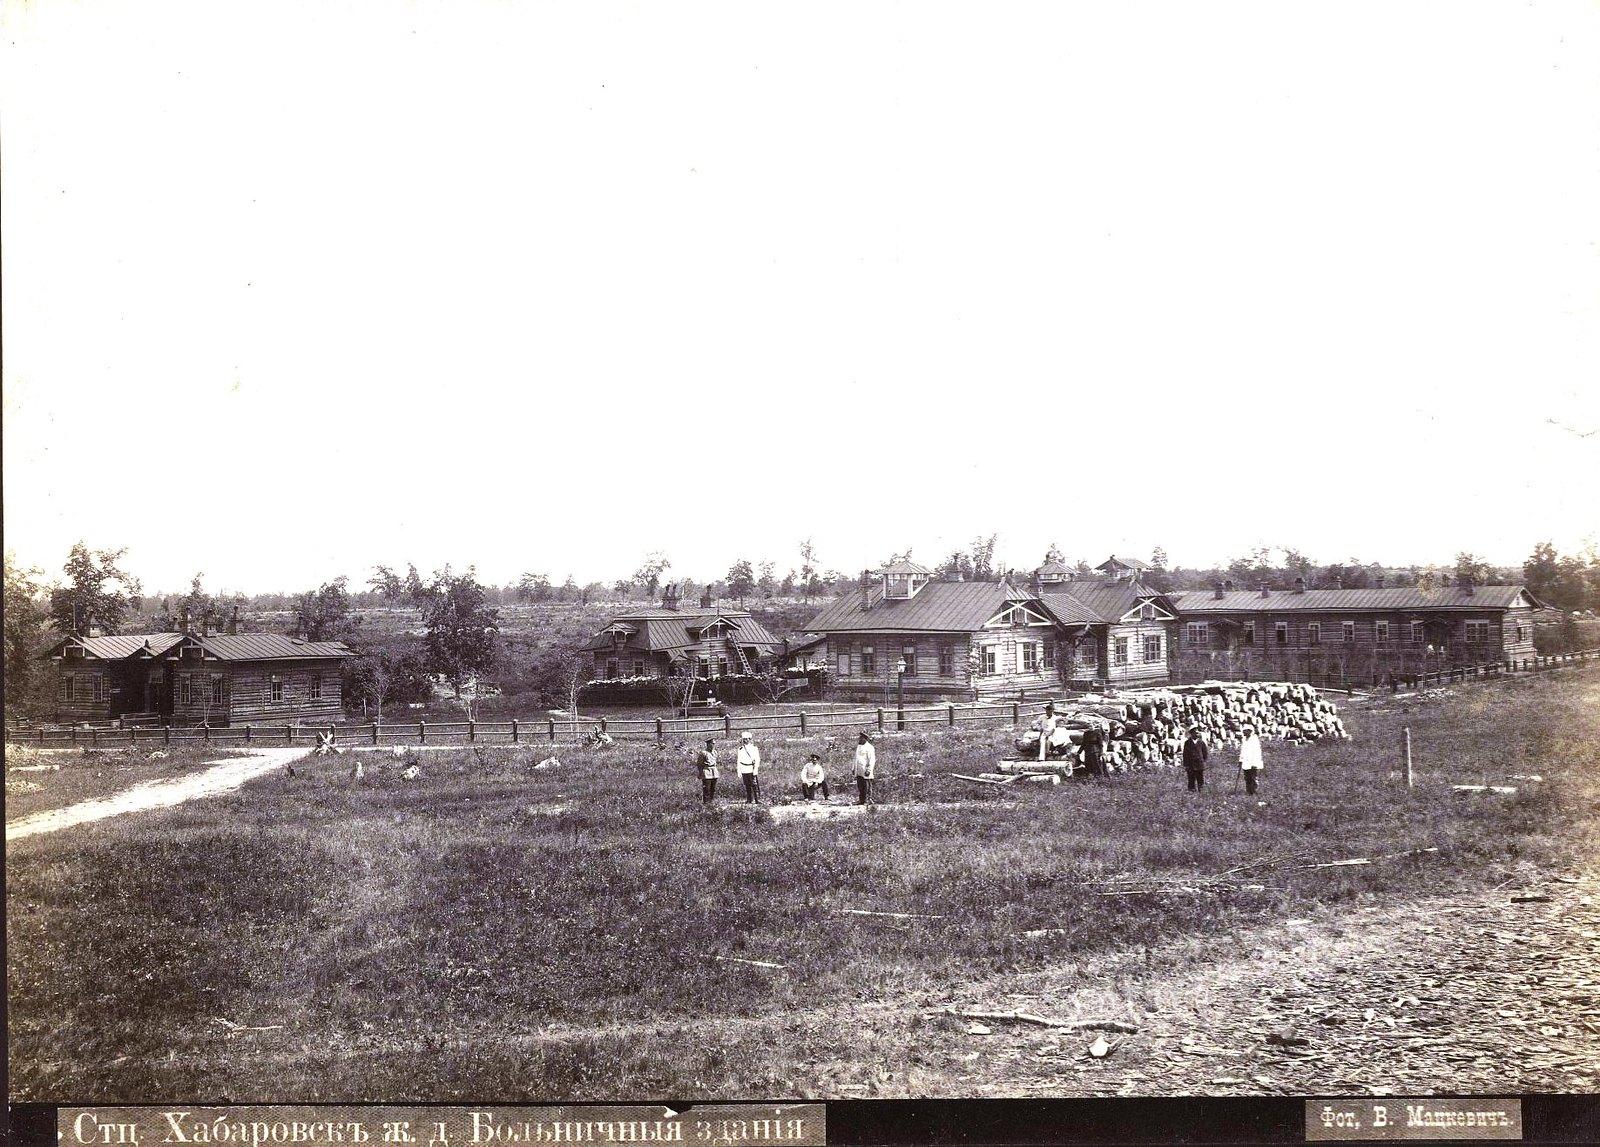 04. Станция Хабаровск. Больничные здания.  1891-1897 гг.